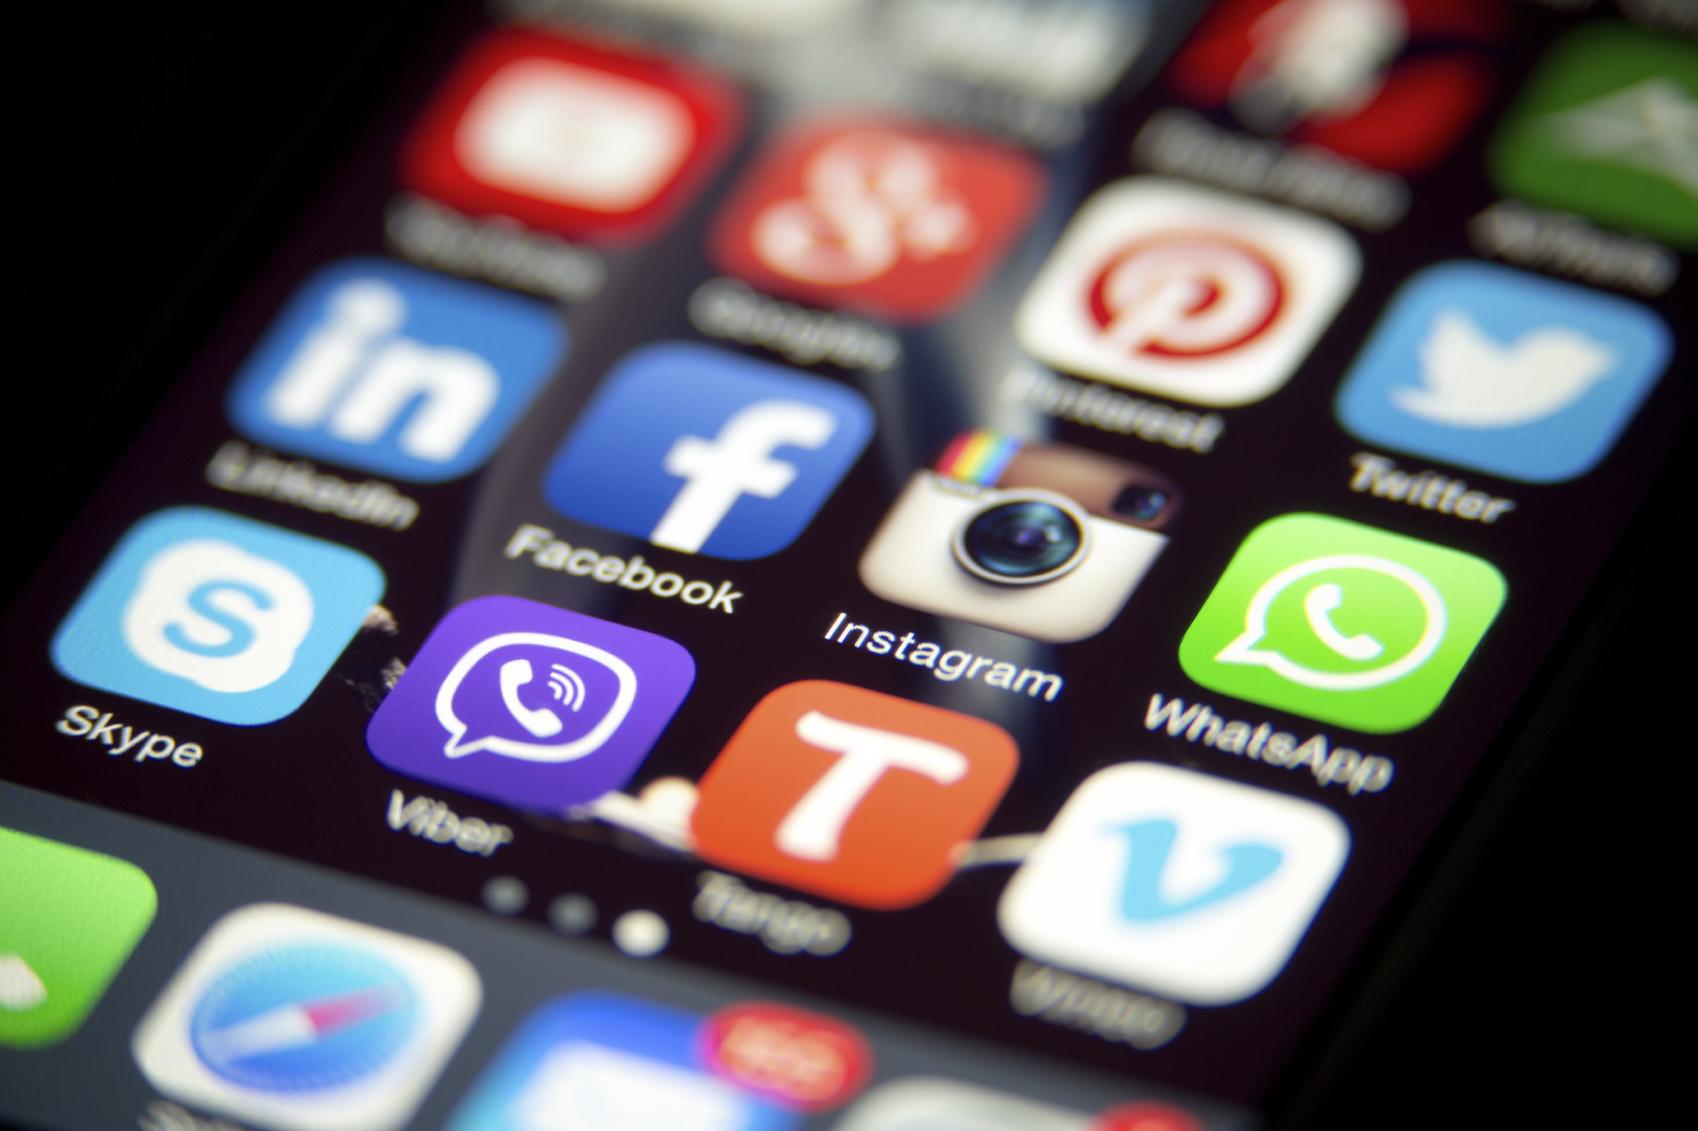 socmed messaging apps